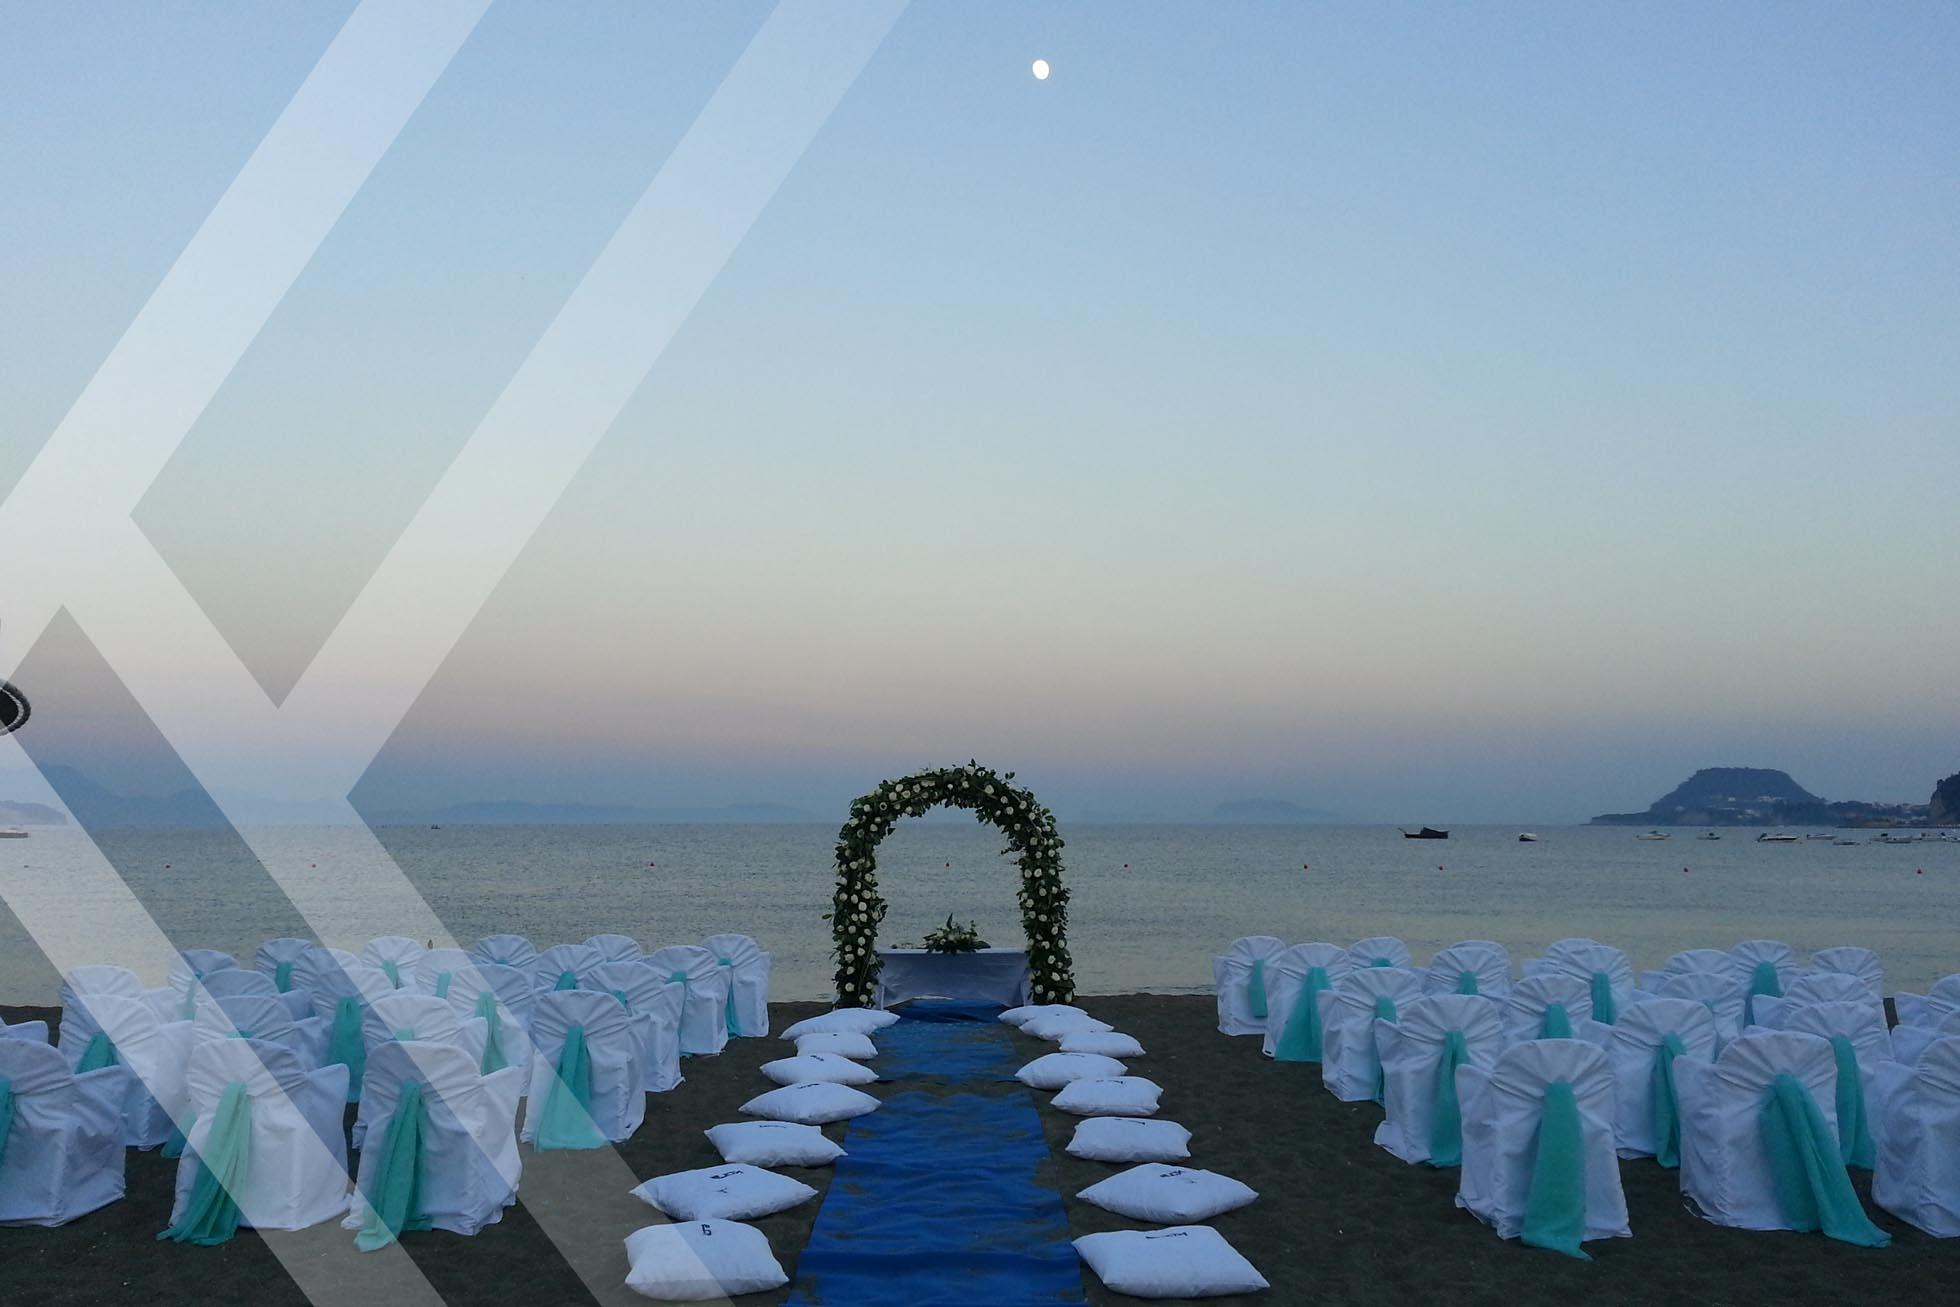 Matrimonio Spiaggia Pozzuoli : Kora events location matrimonio napoli in spiaggia